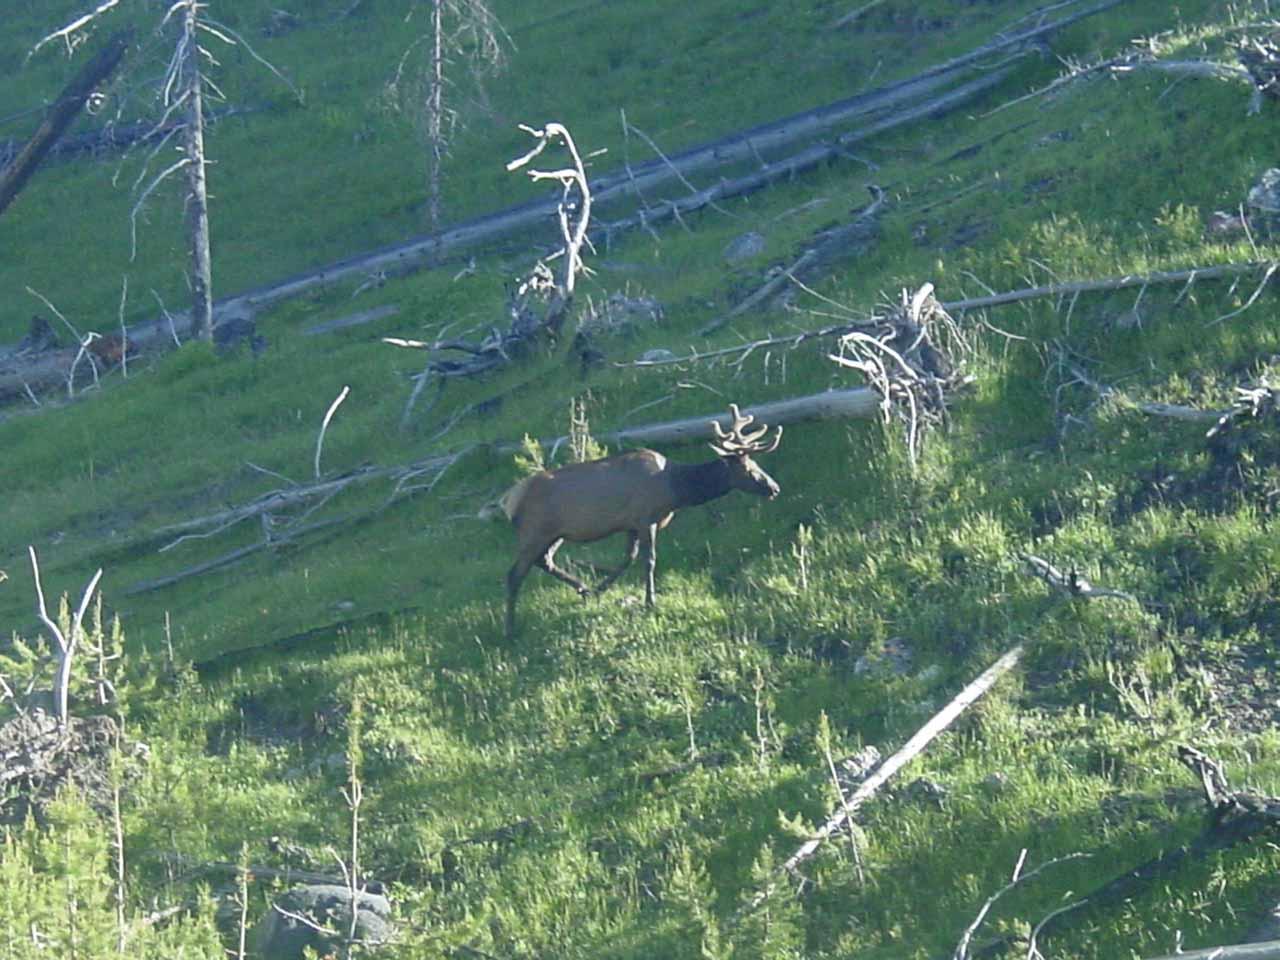 Elk trotting on the hillside opposite the river